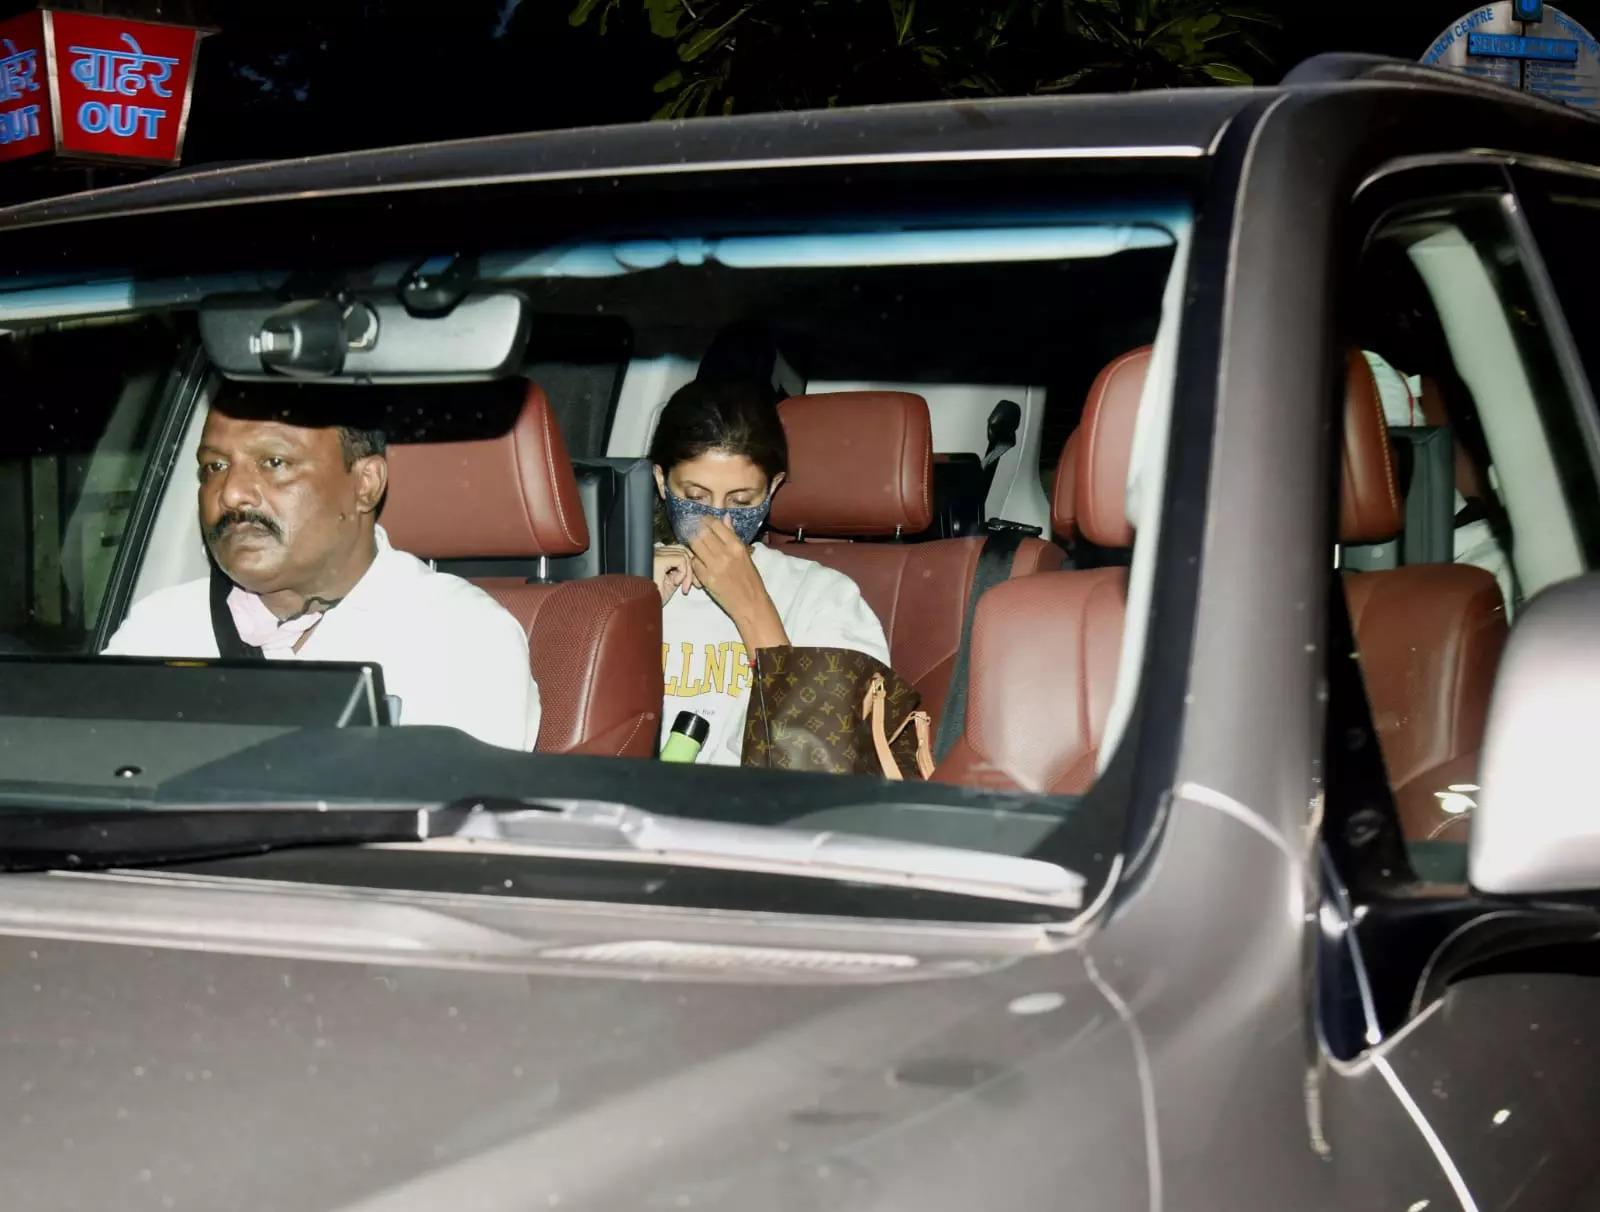 Amitabh Bachchan and Shweta Bachchan